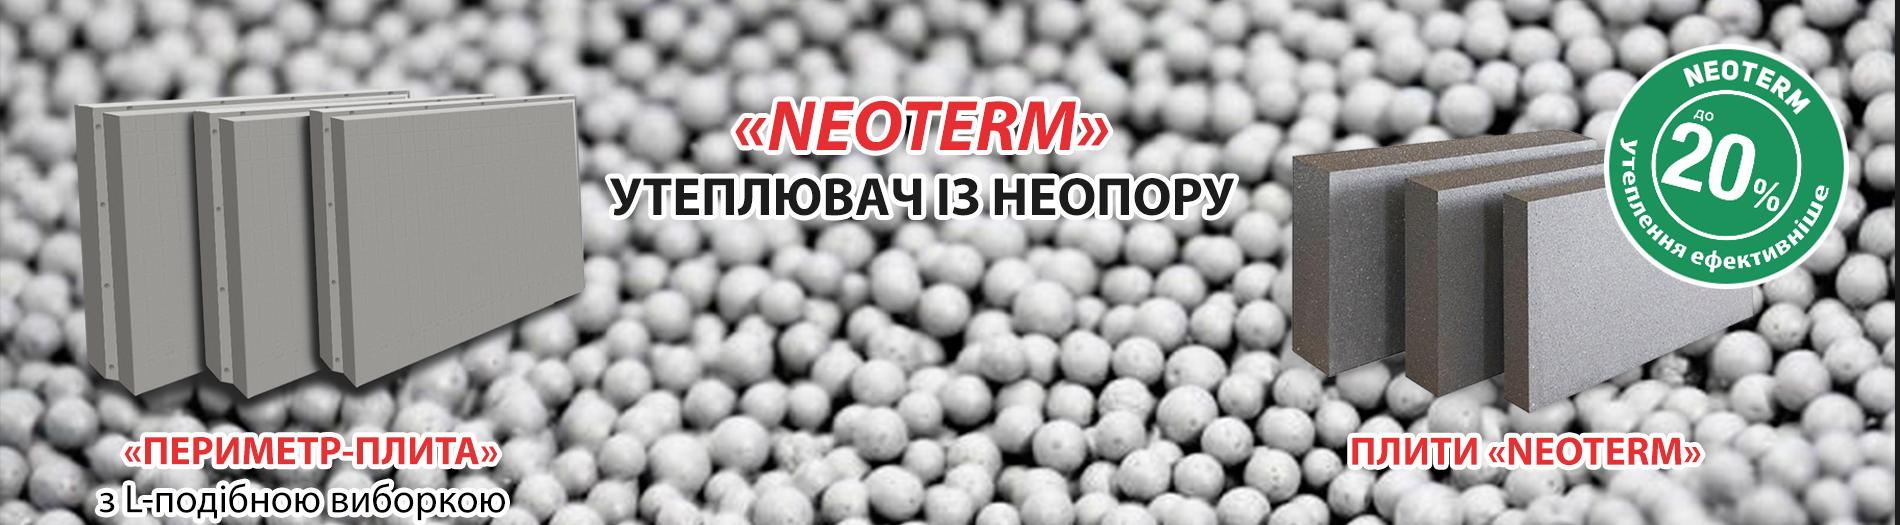 Плити из неопора «Neoterm»